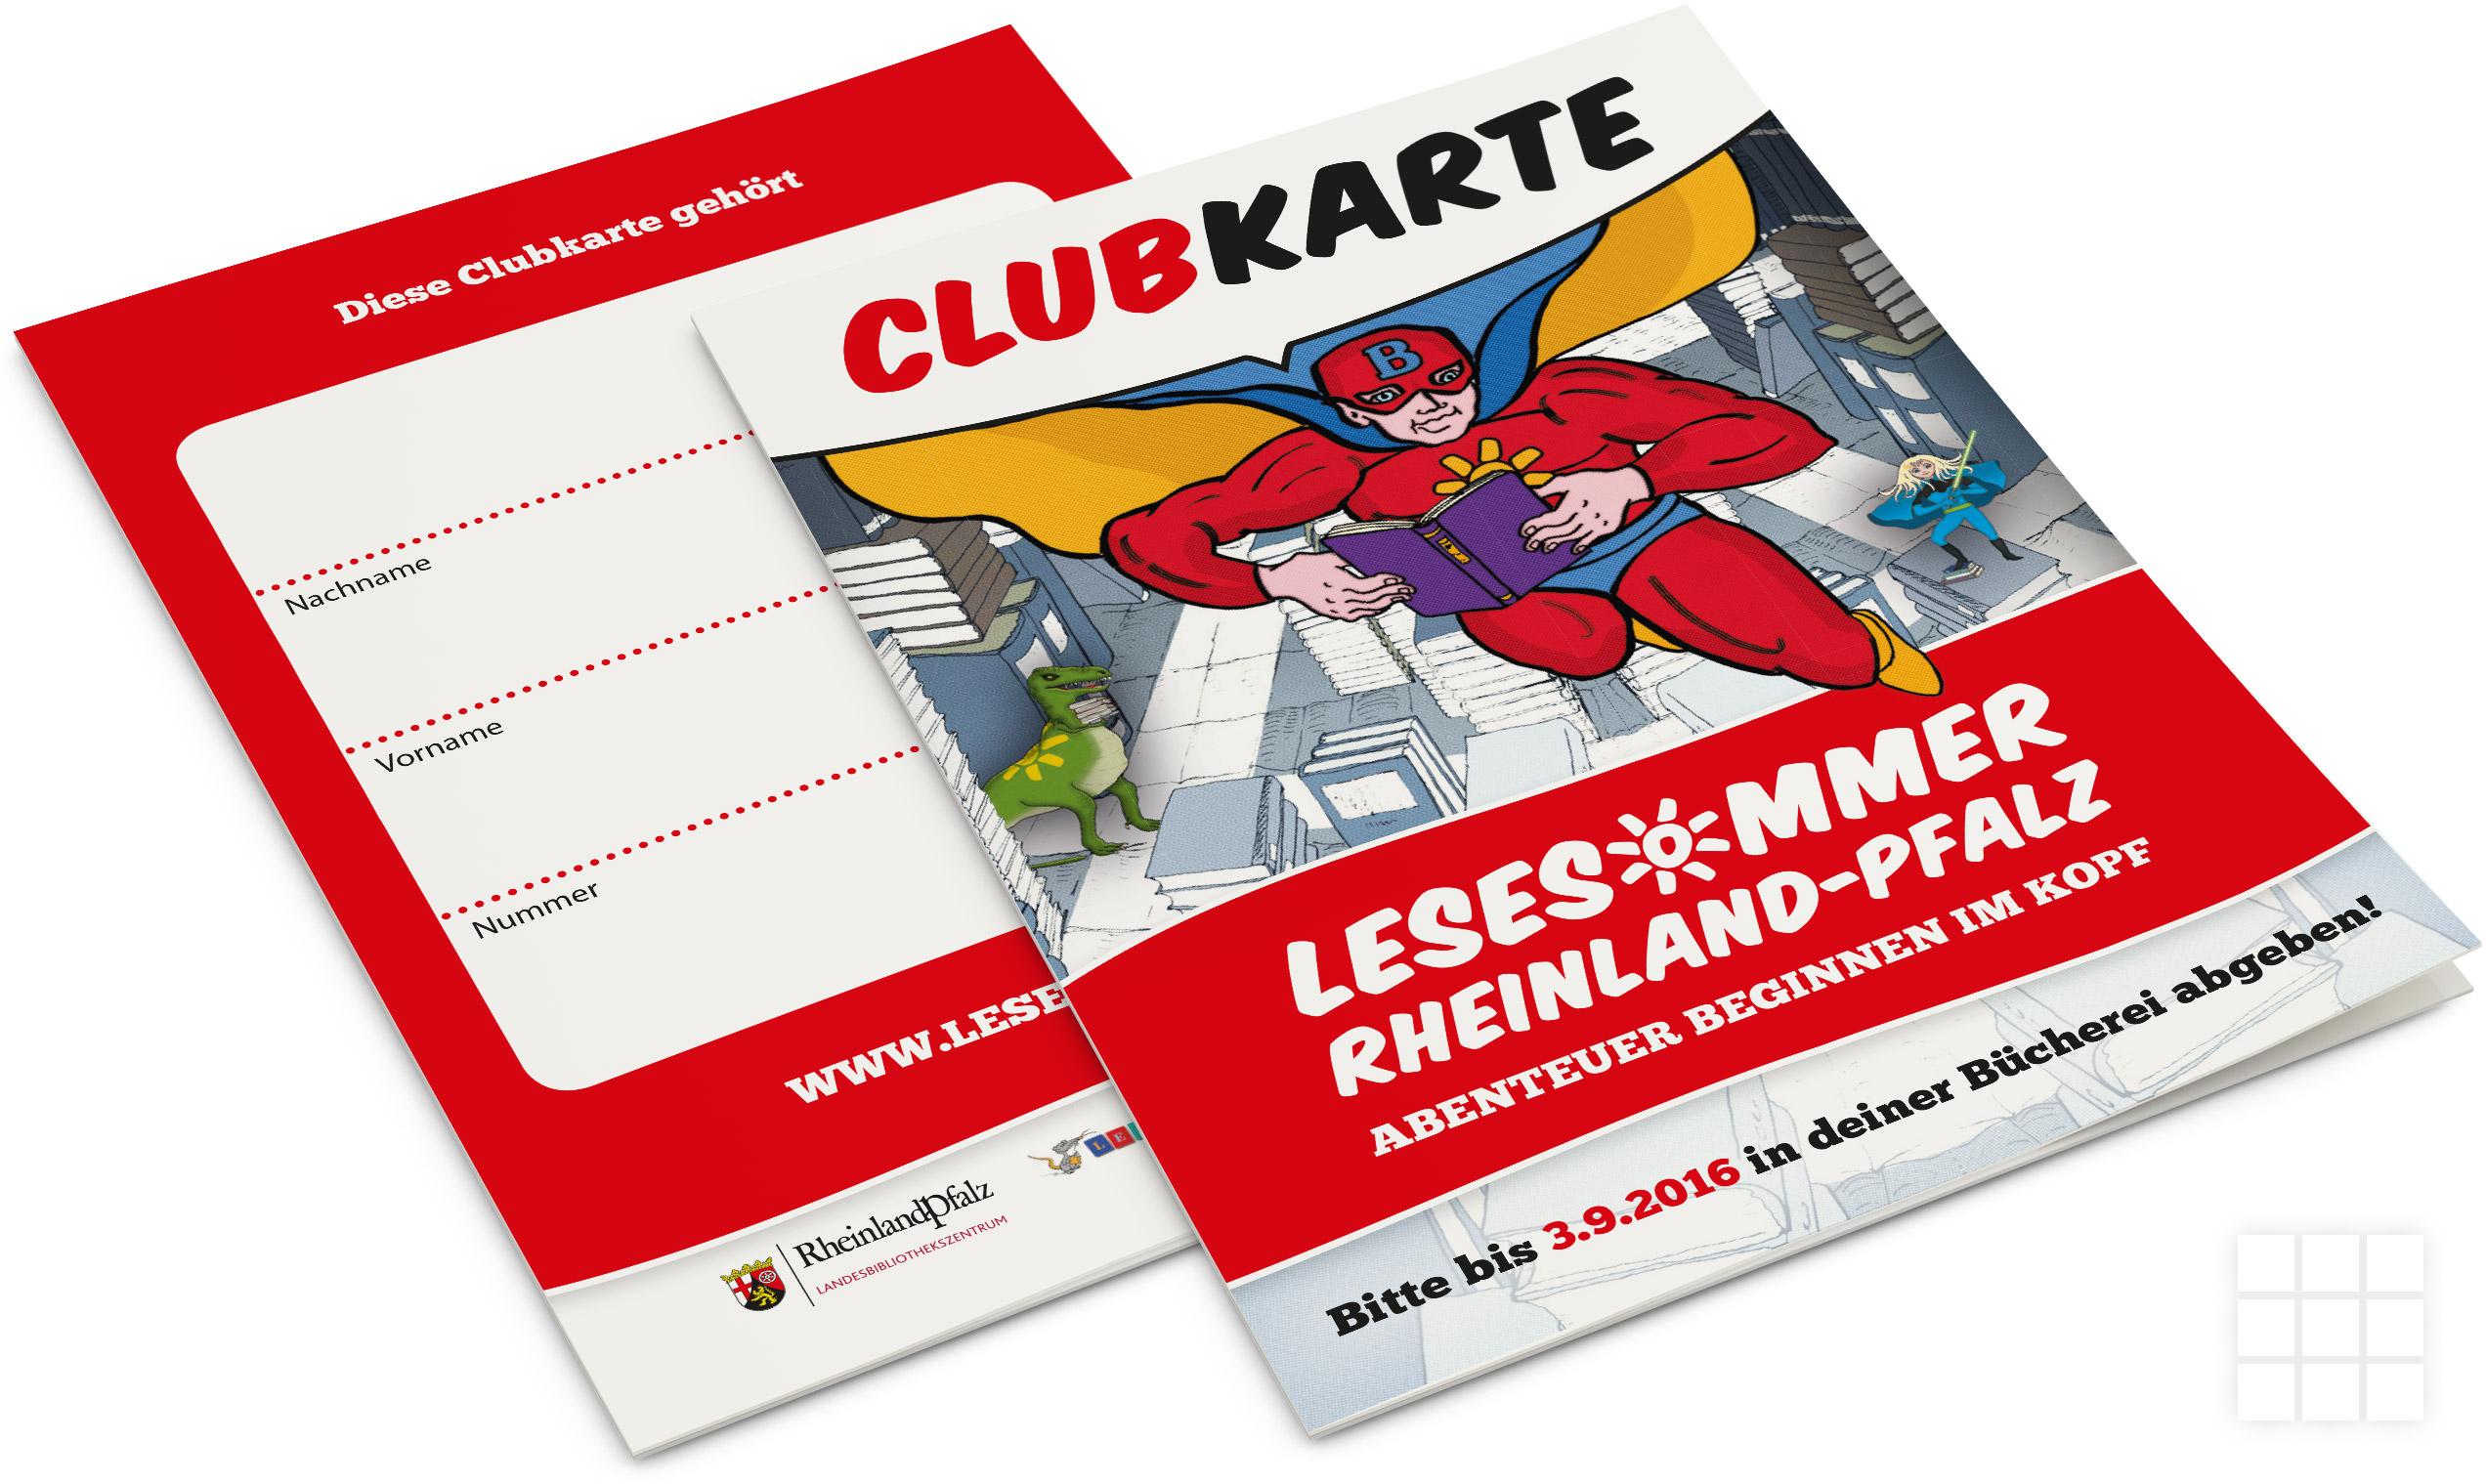 Clubkarte für den LESESOMMER 2016 - NEUMANN DESIGN